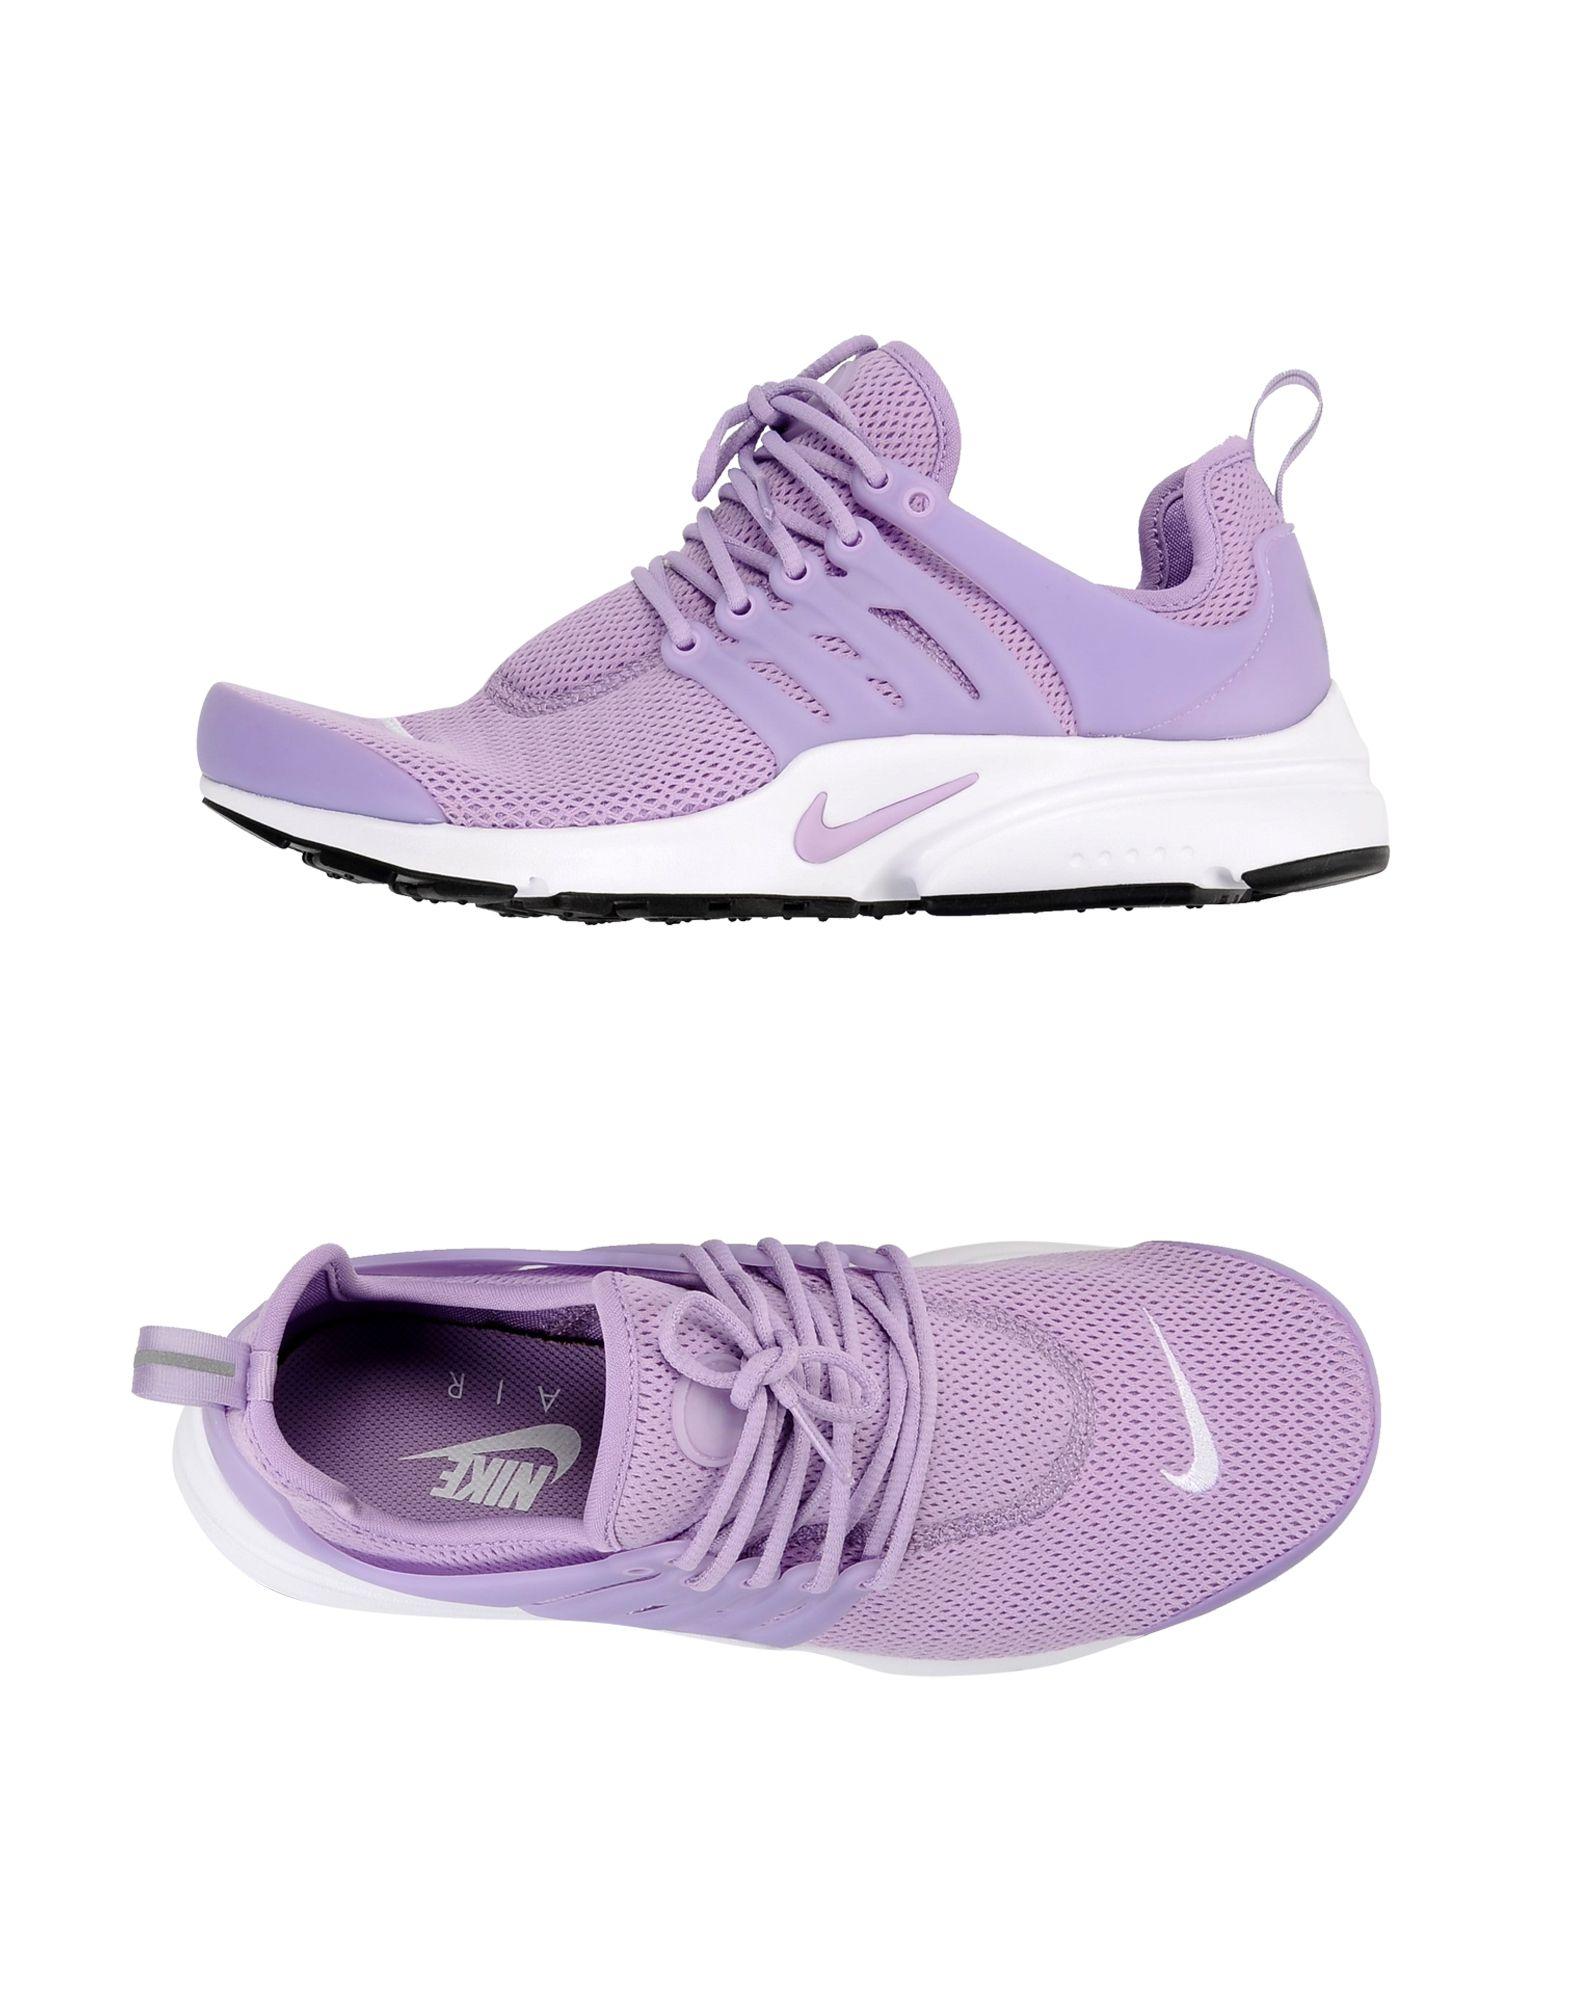 Nike sneakers usa store